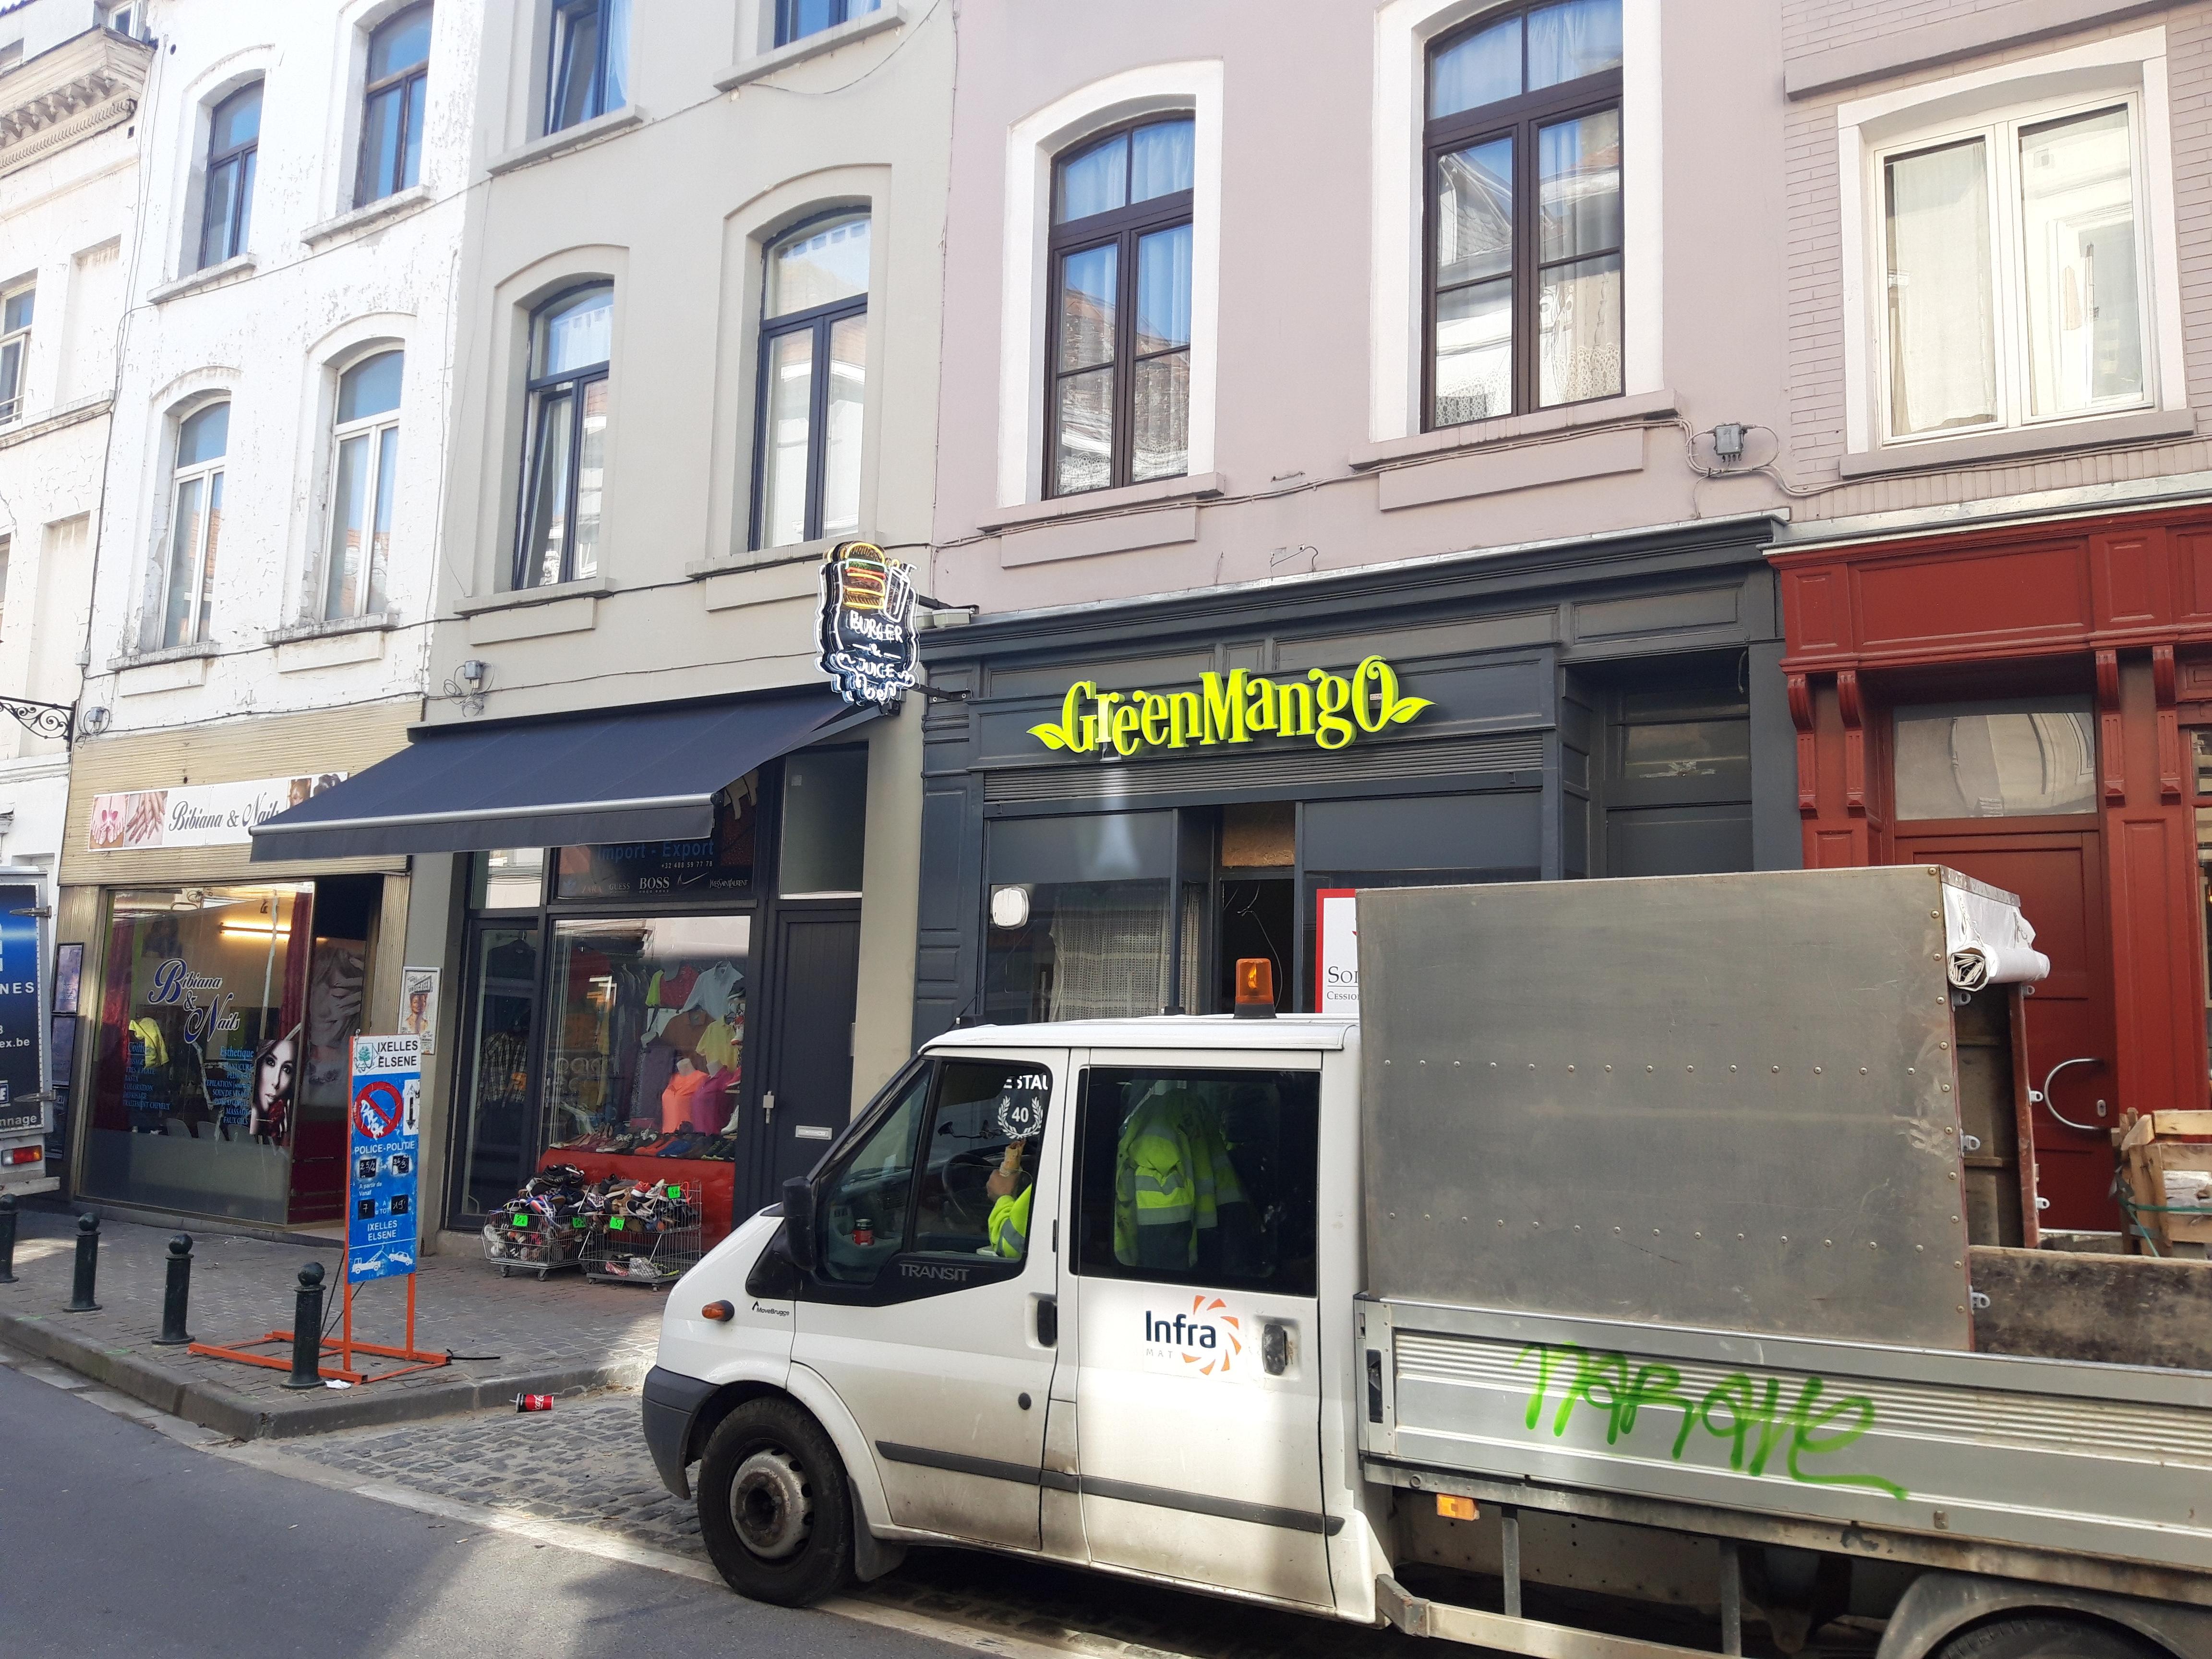 Lettres en relief - Greenmango Bruxelles